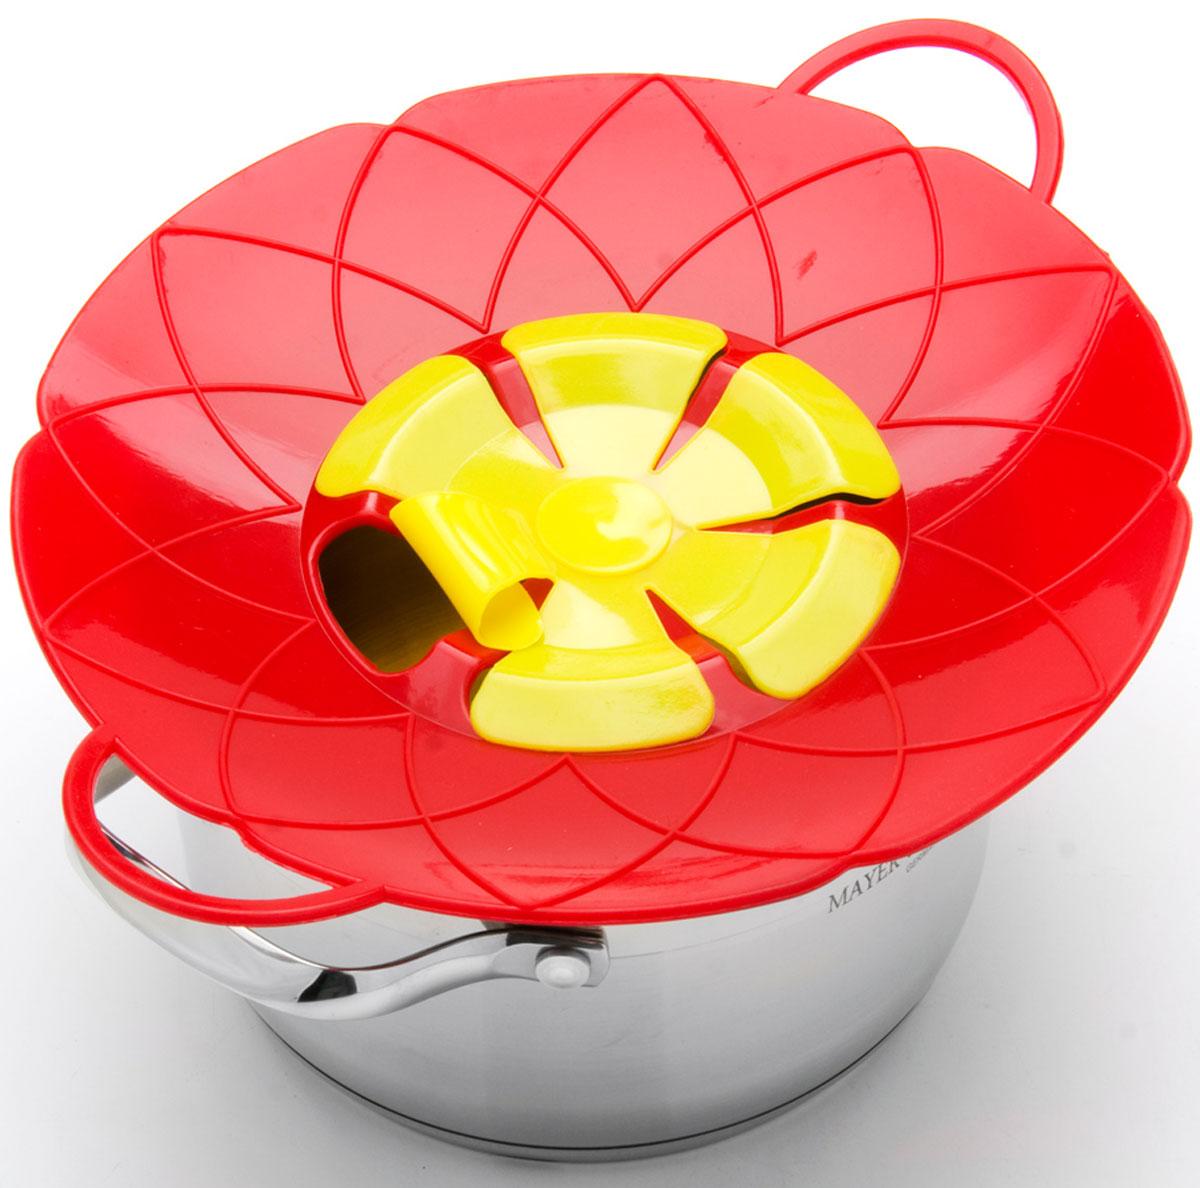 Крышка-невыкипайка Mayer & Boch, цвет: красный, желтый, диаметр 25 см24256-2Силиконовая крышка 2 в 1 (невыкипайка и пароварка) изготовлена из силикона высокого качества. Не теряет форму от высоких температур. Крышка-невыкипайка предотвращает выкипание и брызги. Изделие значительно облегчит приготовление пищи. При хранении в прохладных местах - крышка обеспечит свежесть продуктов. При использовании крышки в микроволновой печи масло не разбрызгивается.Диаметр крышки: 25 см.